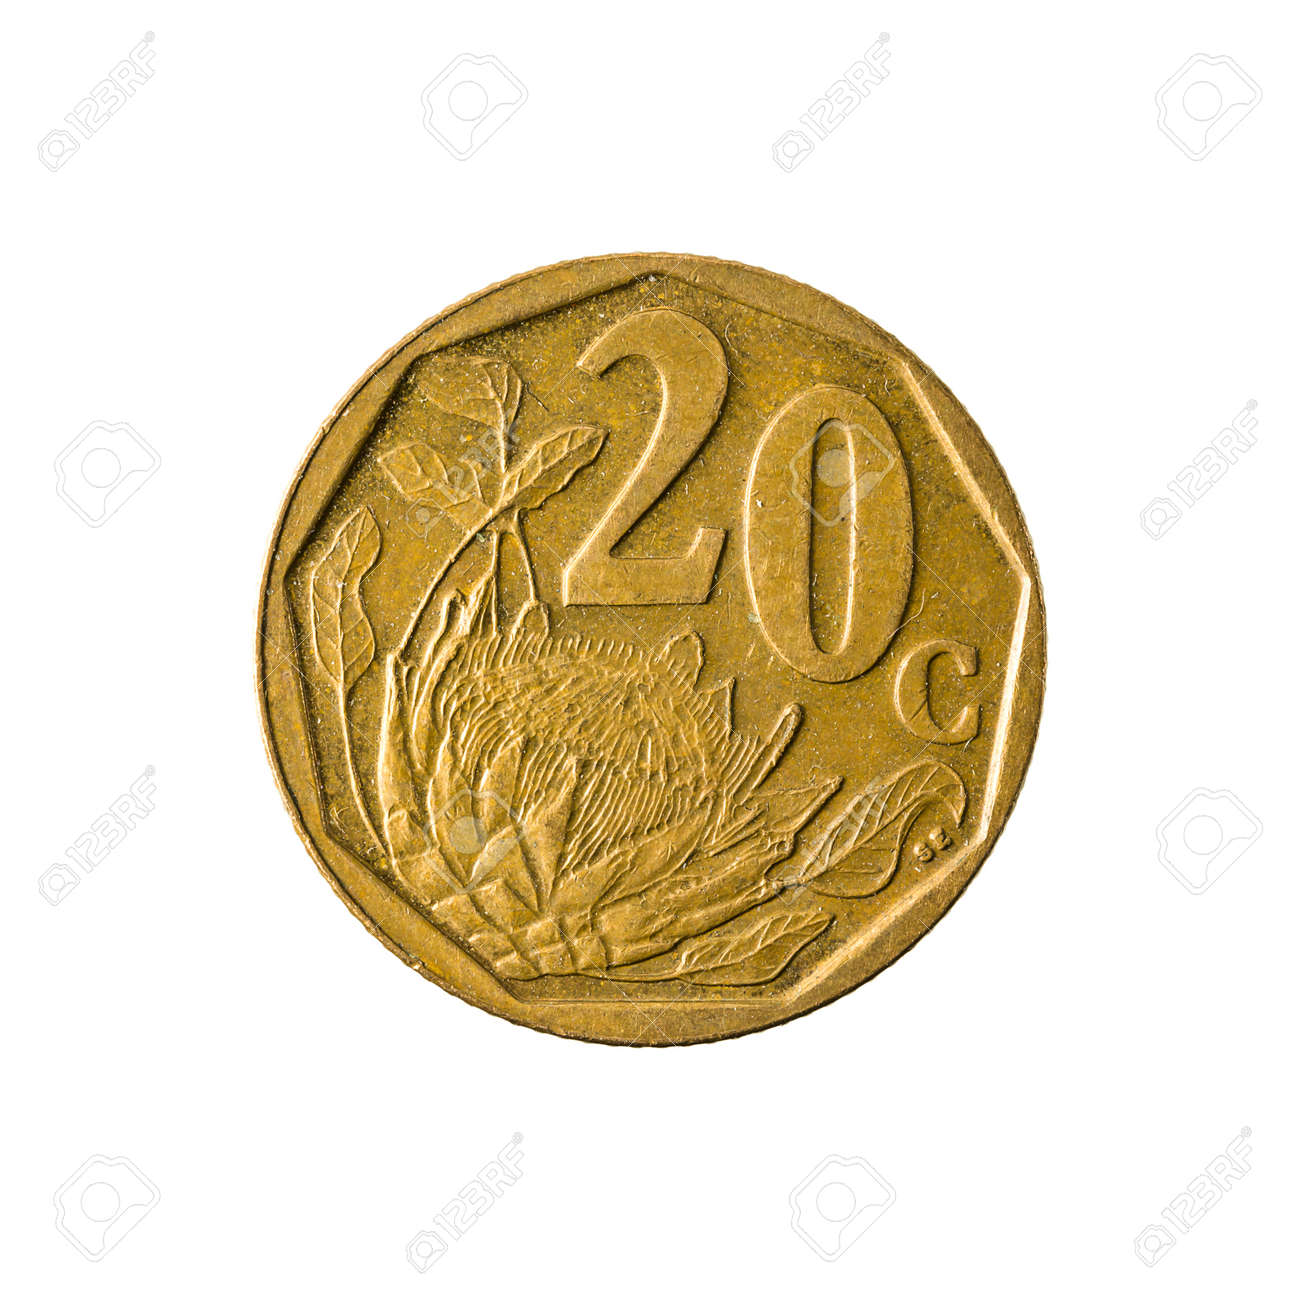 20 Südafrikanische Cent Münze 2008 Avers Isoliert Auf Weißem